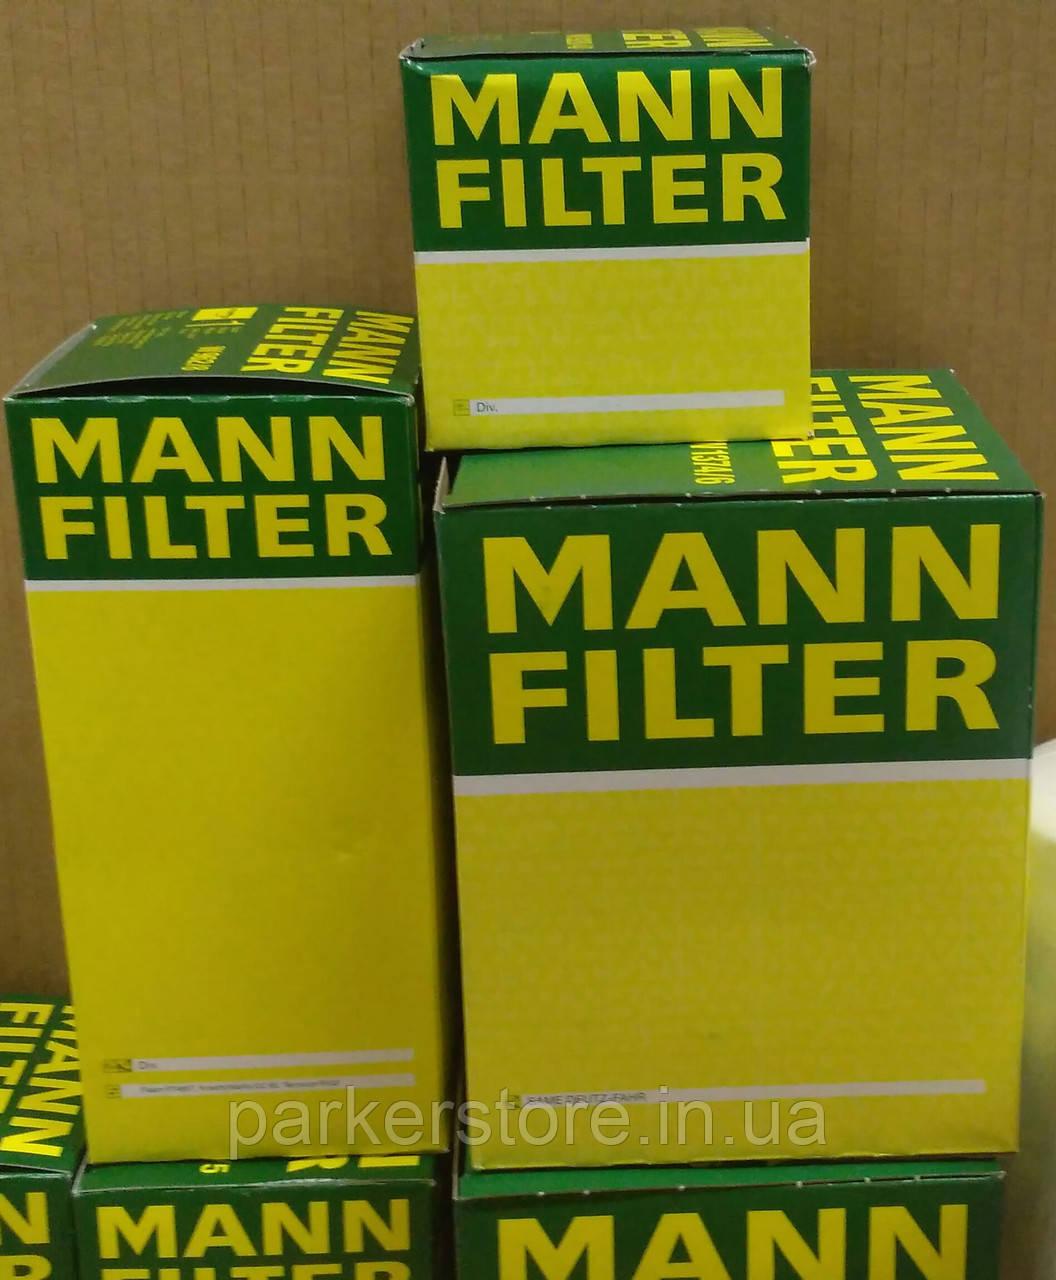 MANN FILTER / Повітряний фільтр / C 28 003 / C28003